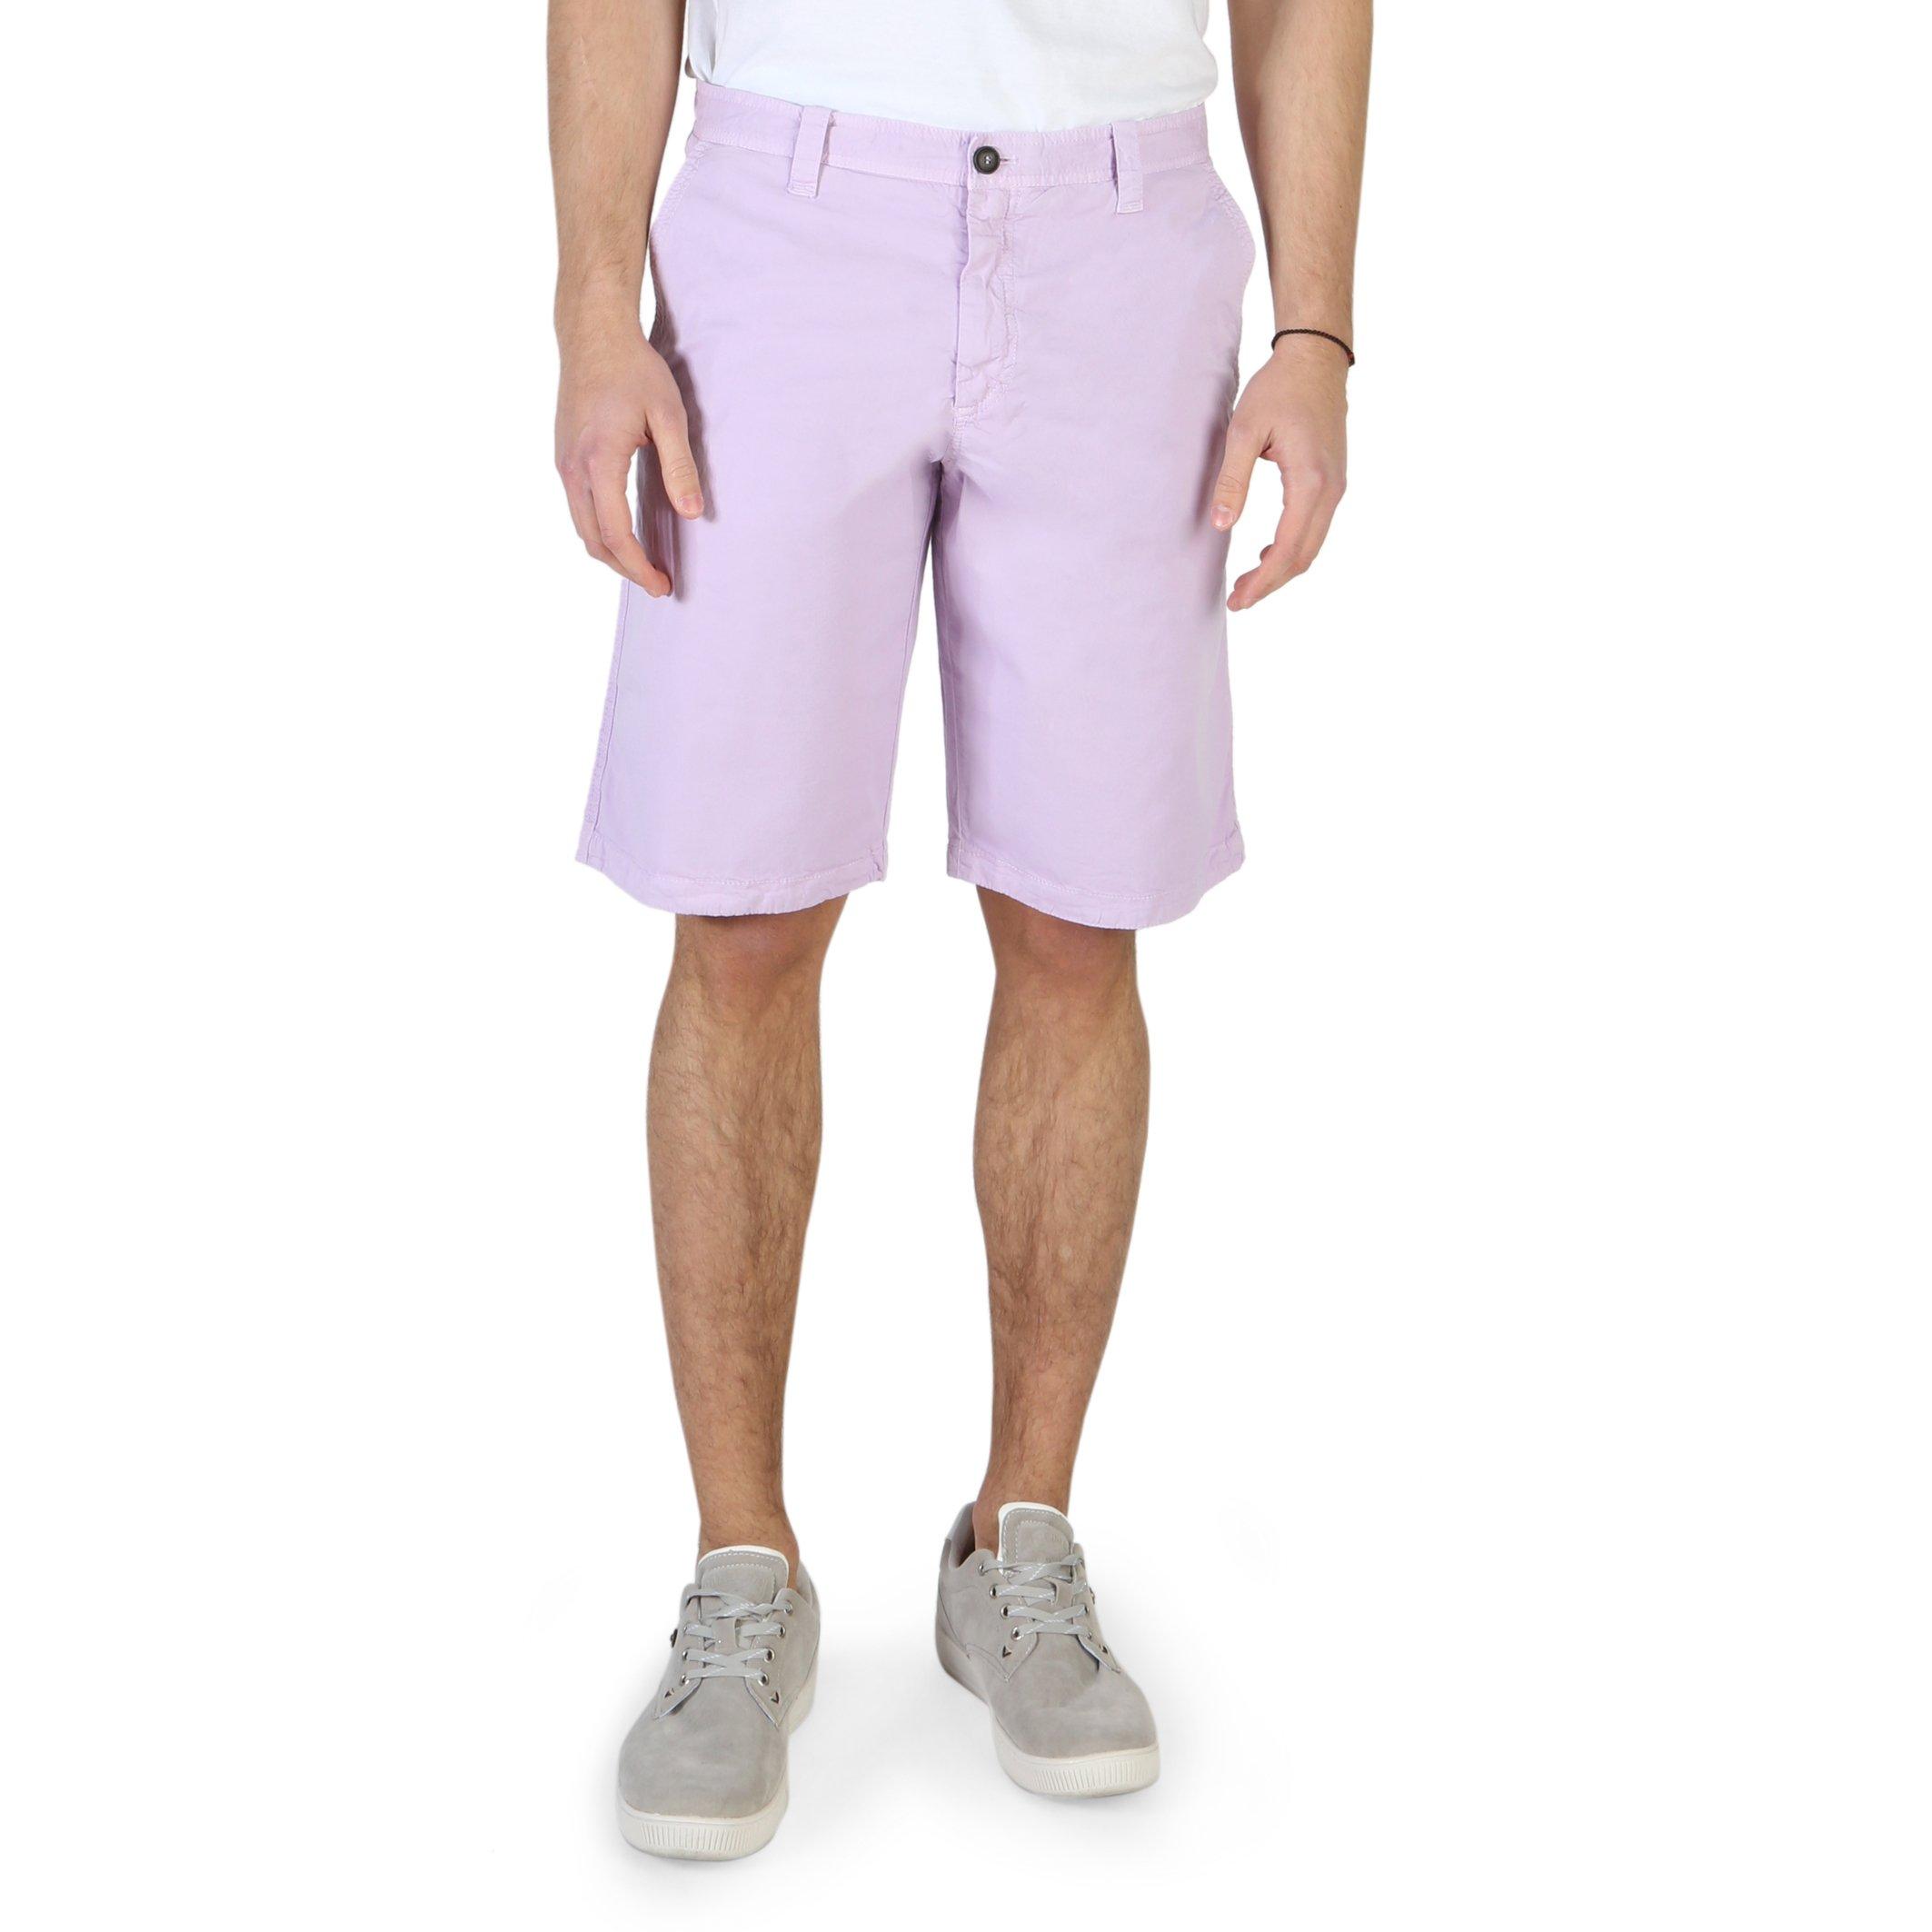 Armani Jeans Men's Shorts Various Colours 305117 - violet 38 EU